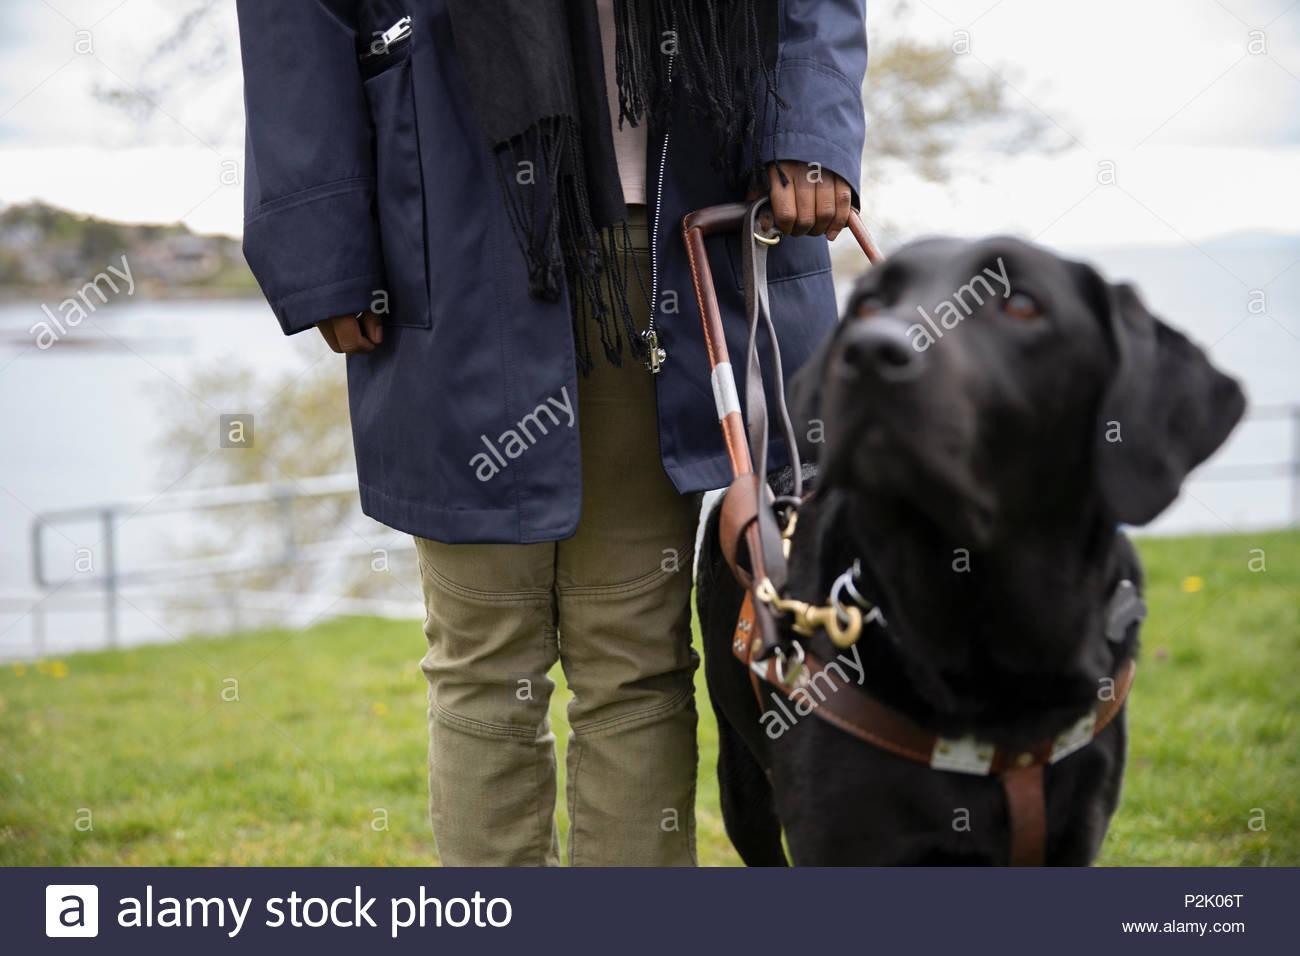 Schwarz Blindenhund sehbehinderte Frau führenden Stockbild